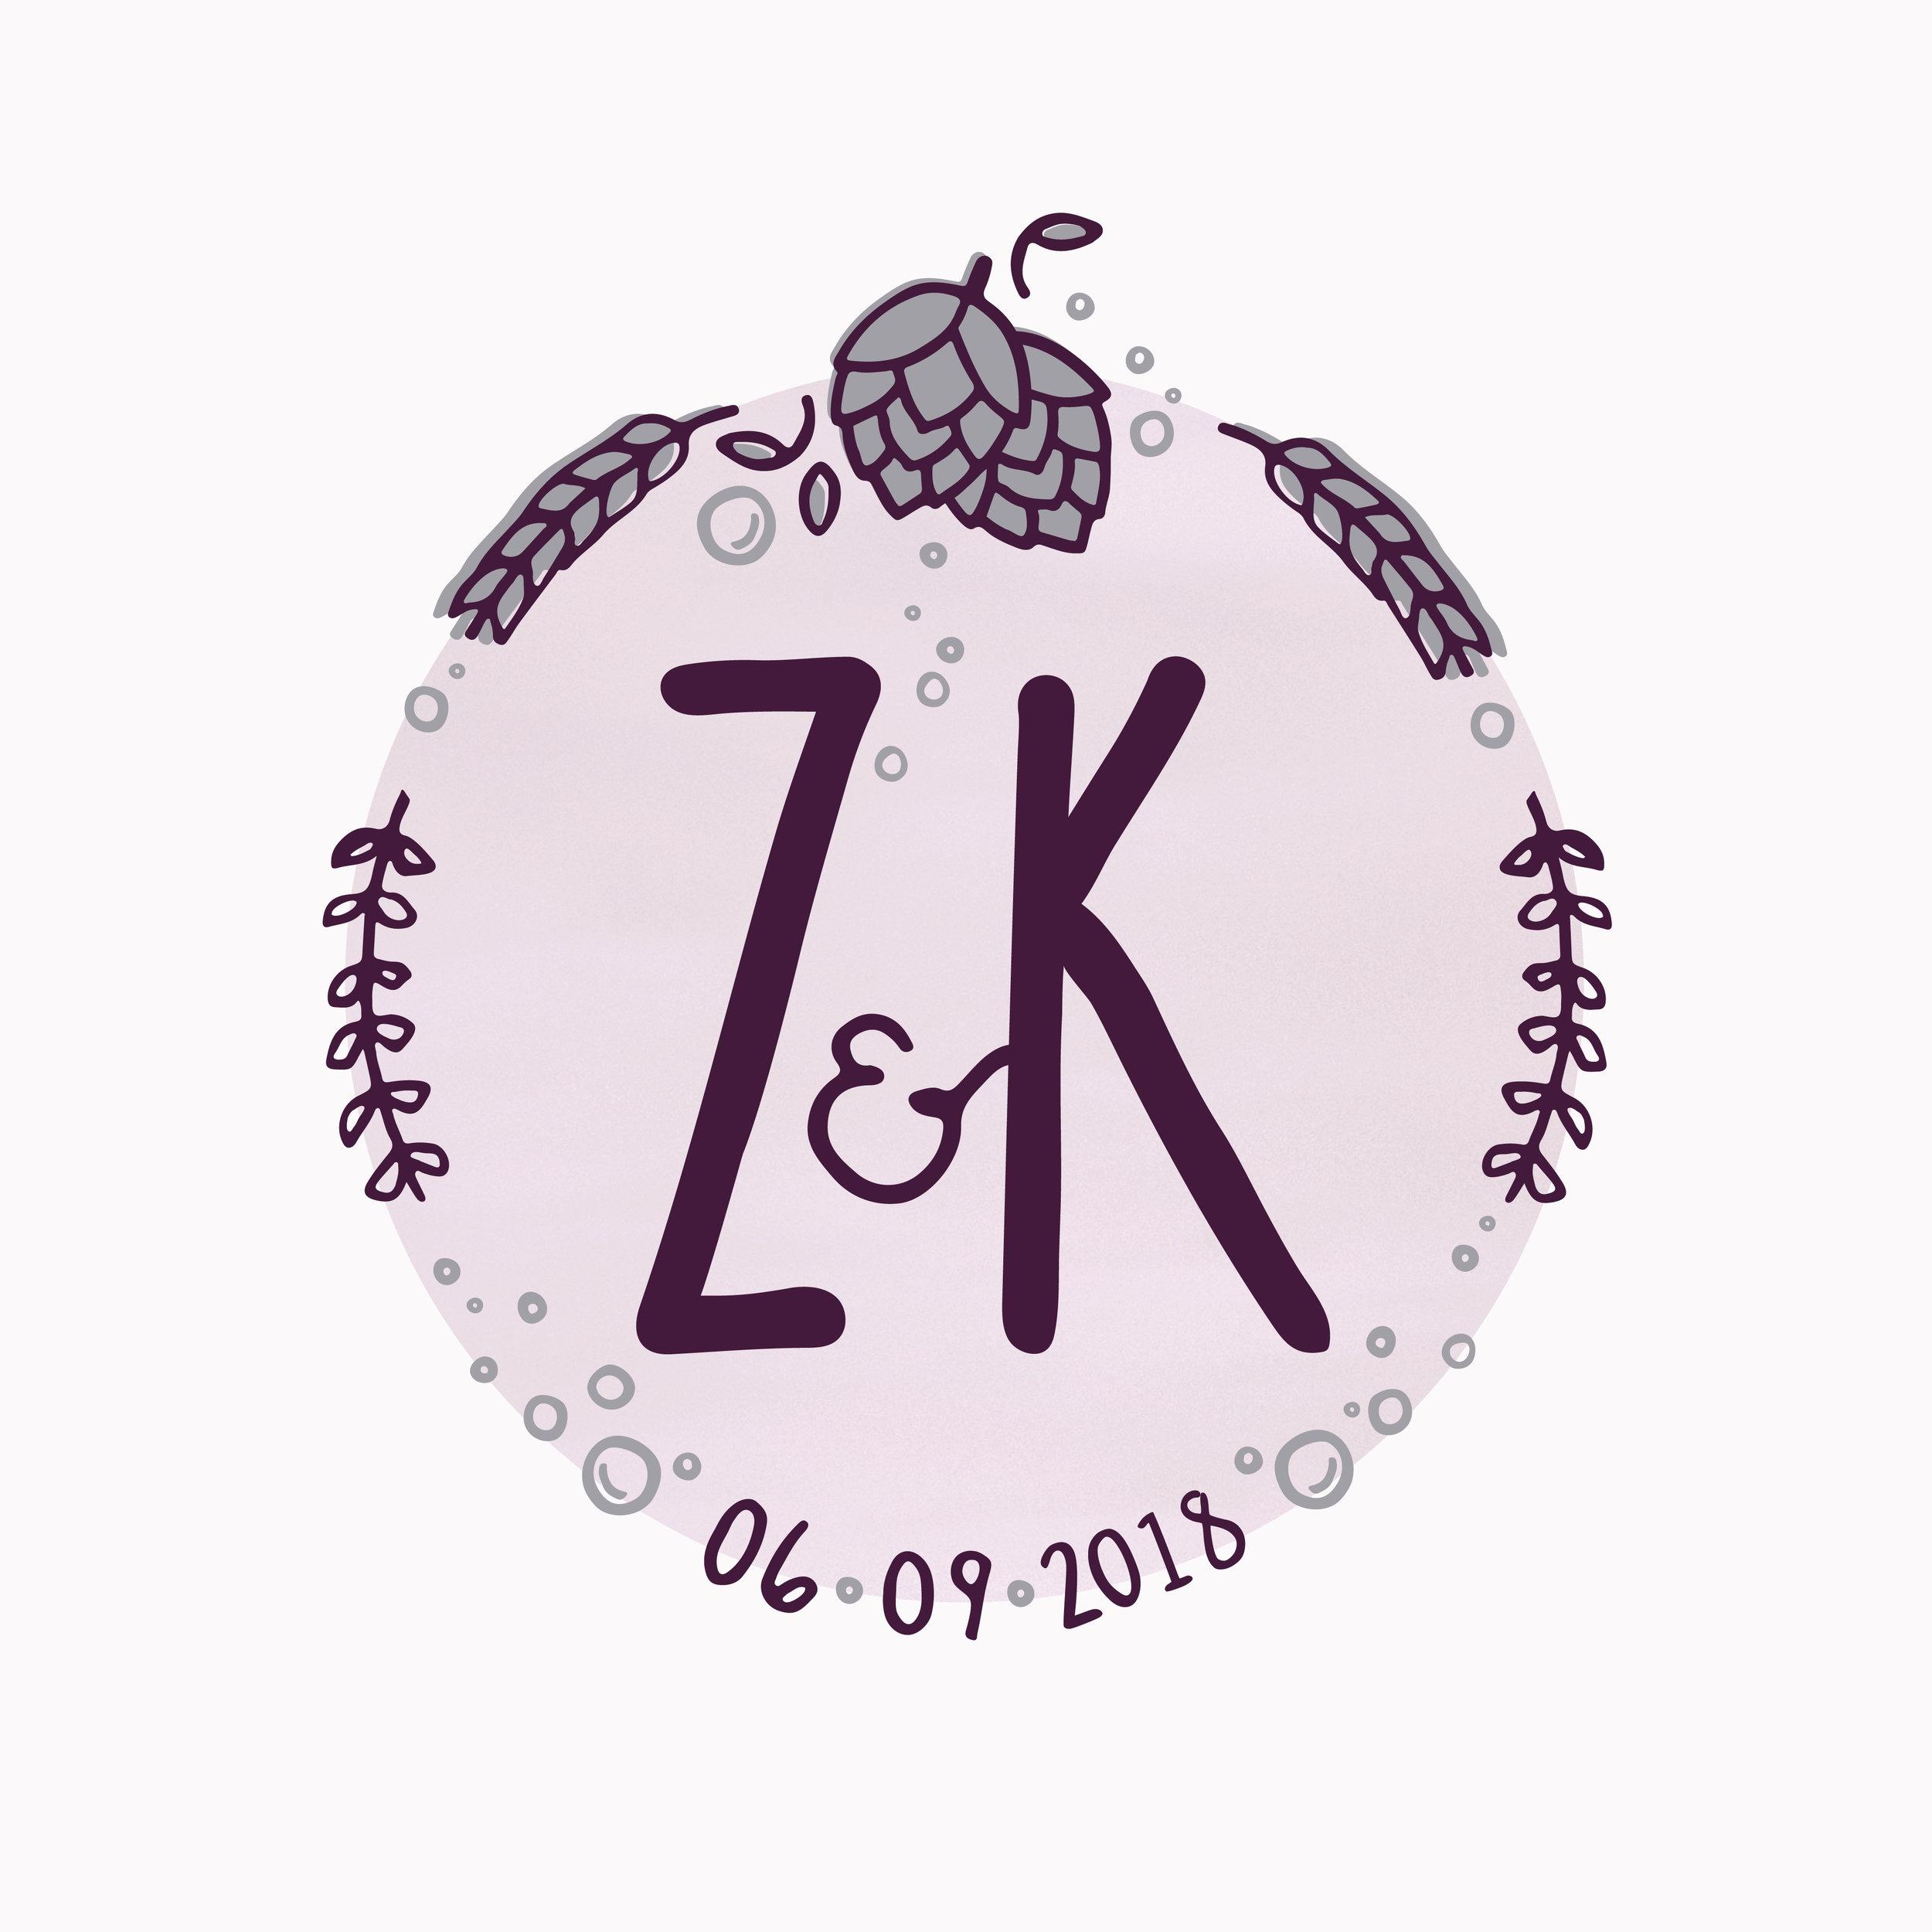 2018_03_Instagram_ZandK_Crest-01.jpg